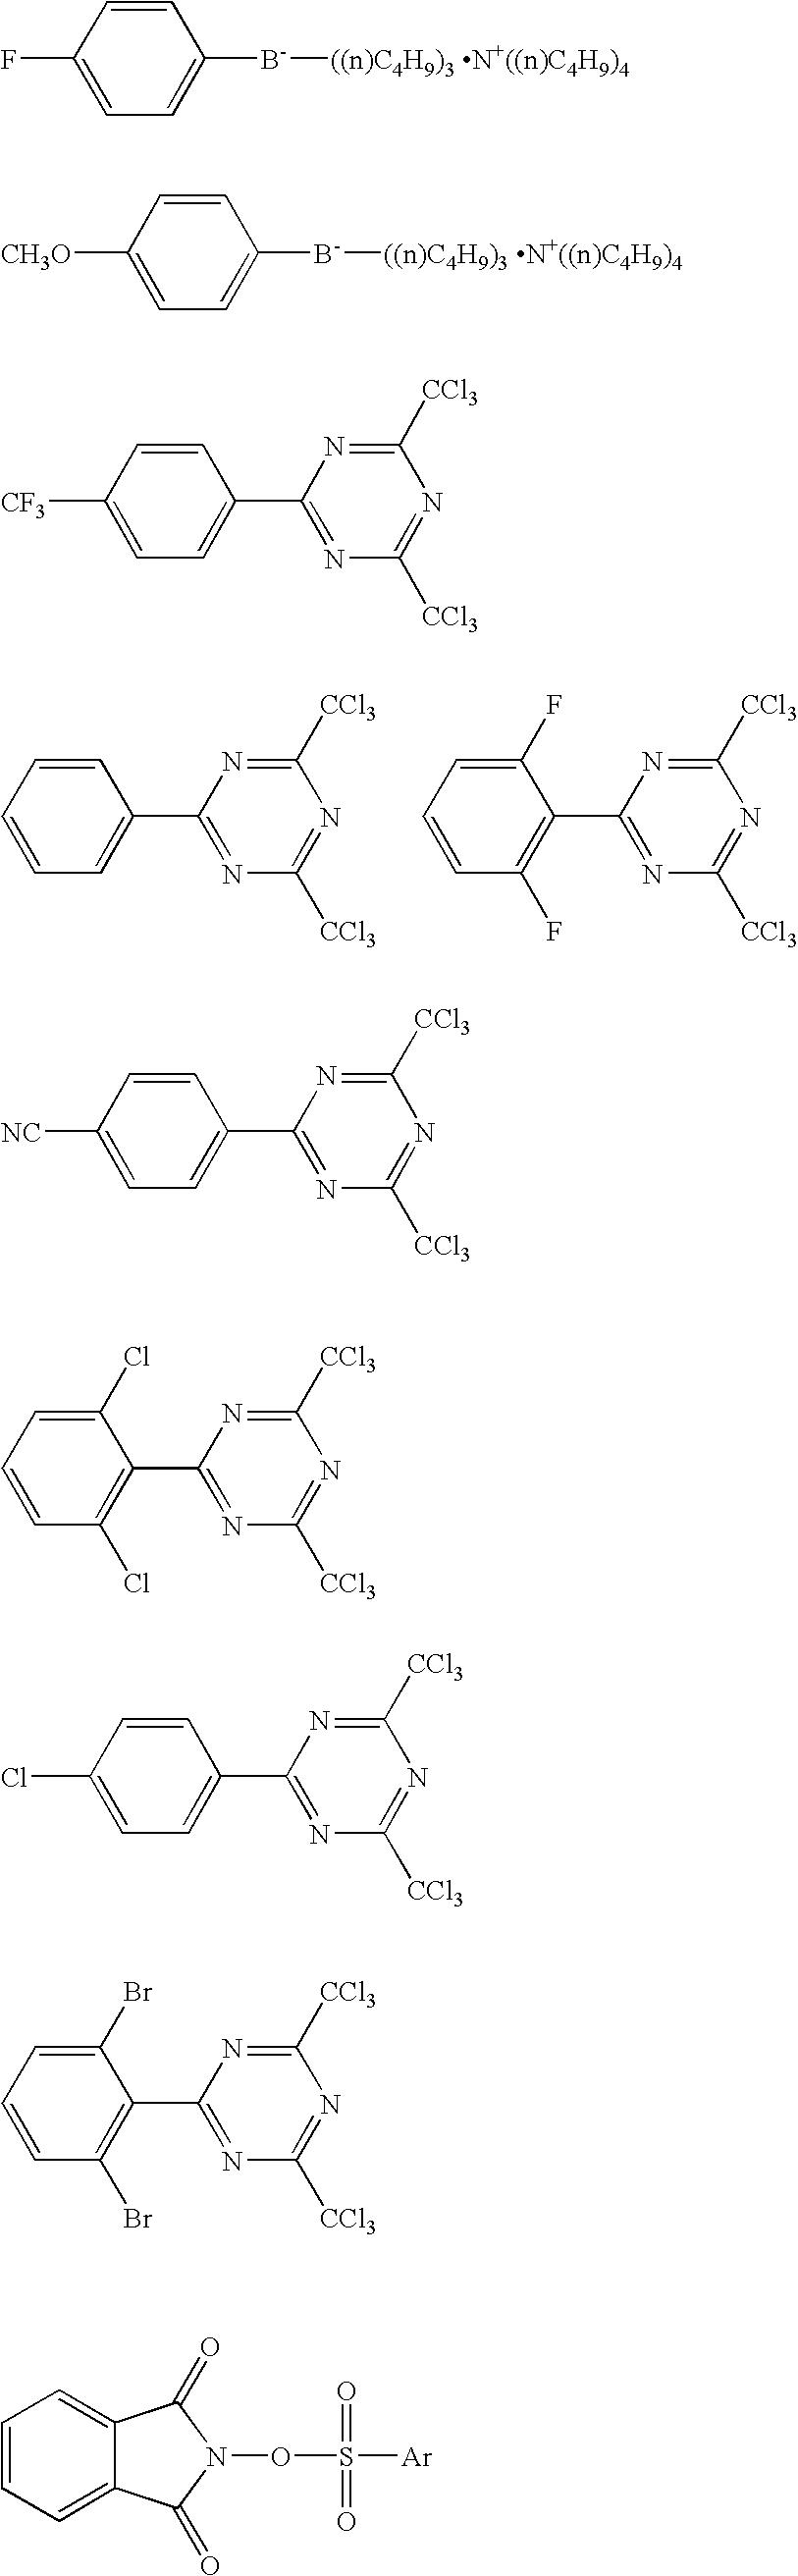 Figure US20070225404A1-20070927-C00008